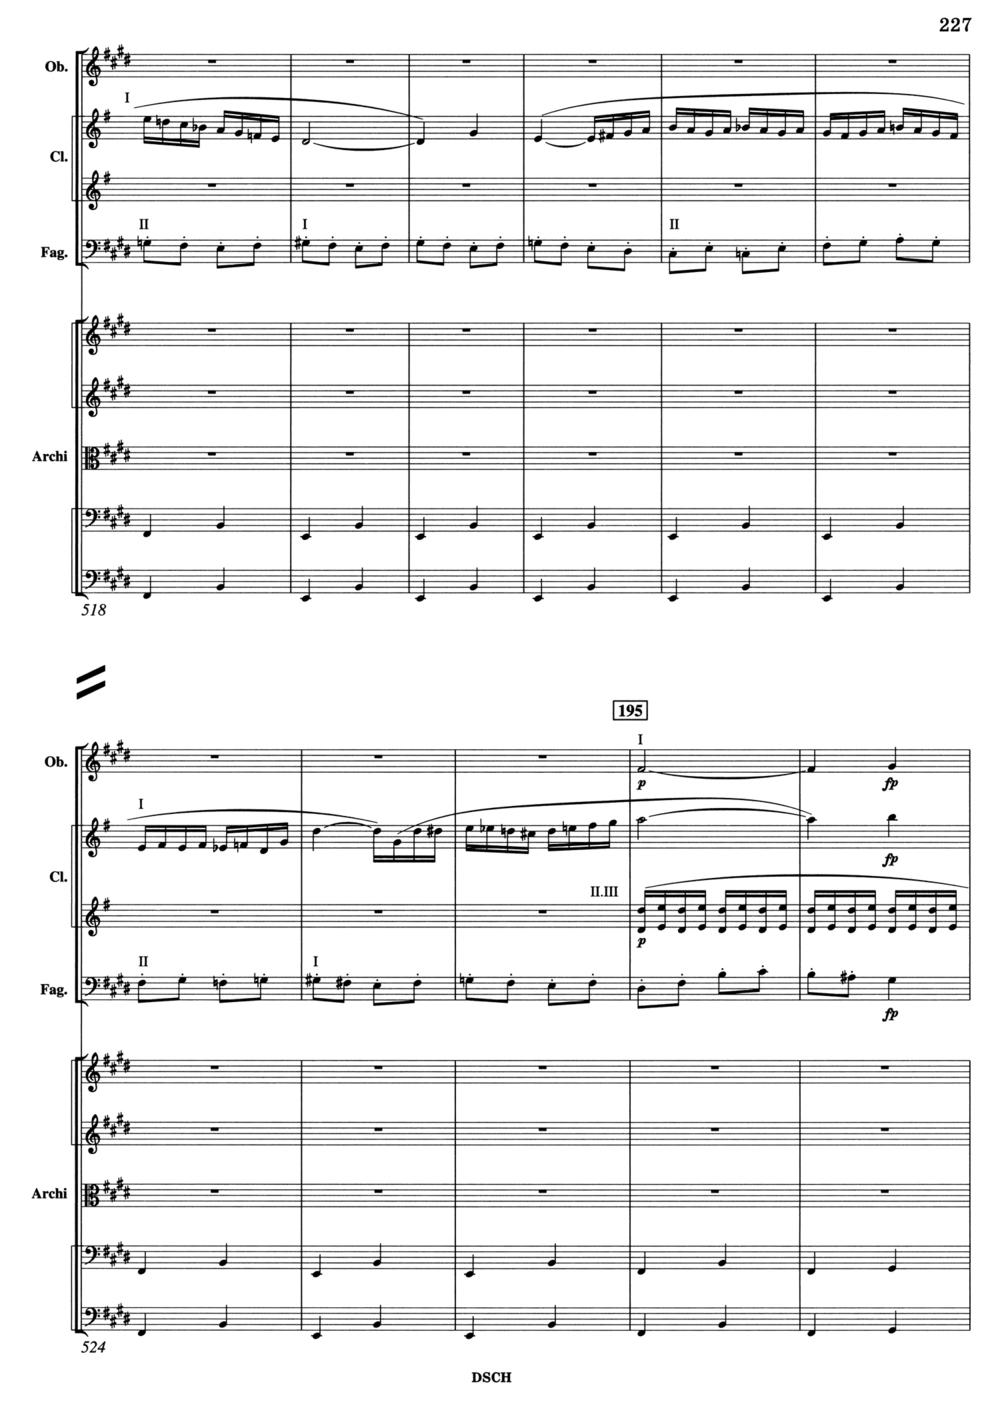 Shostakovich 10 Mvt 4 Score Page 6.jpg